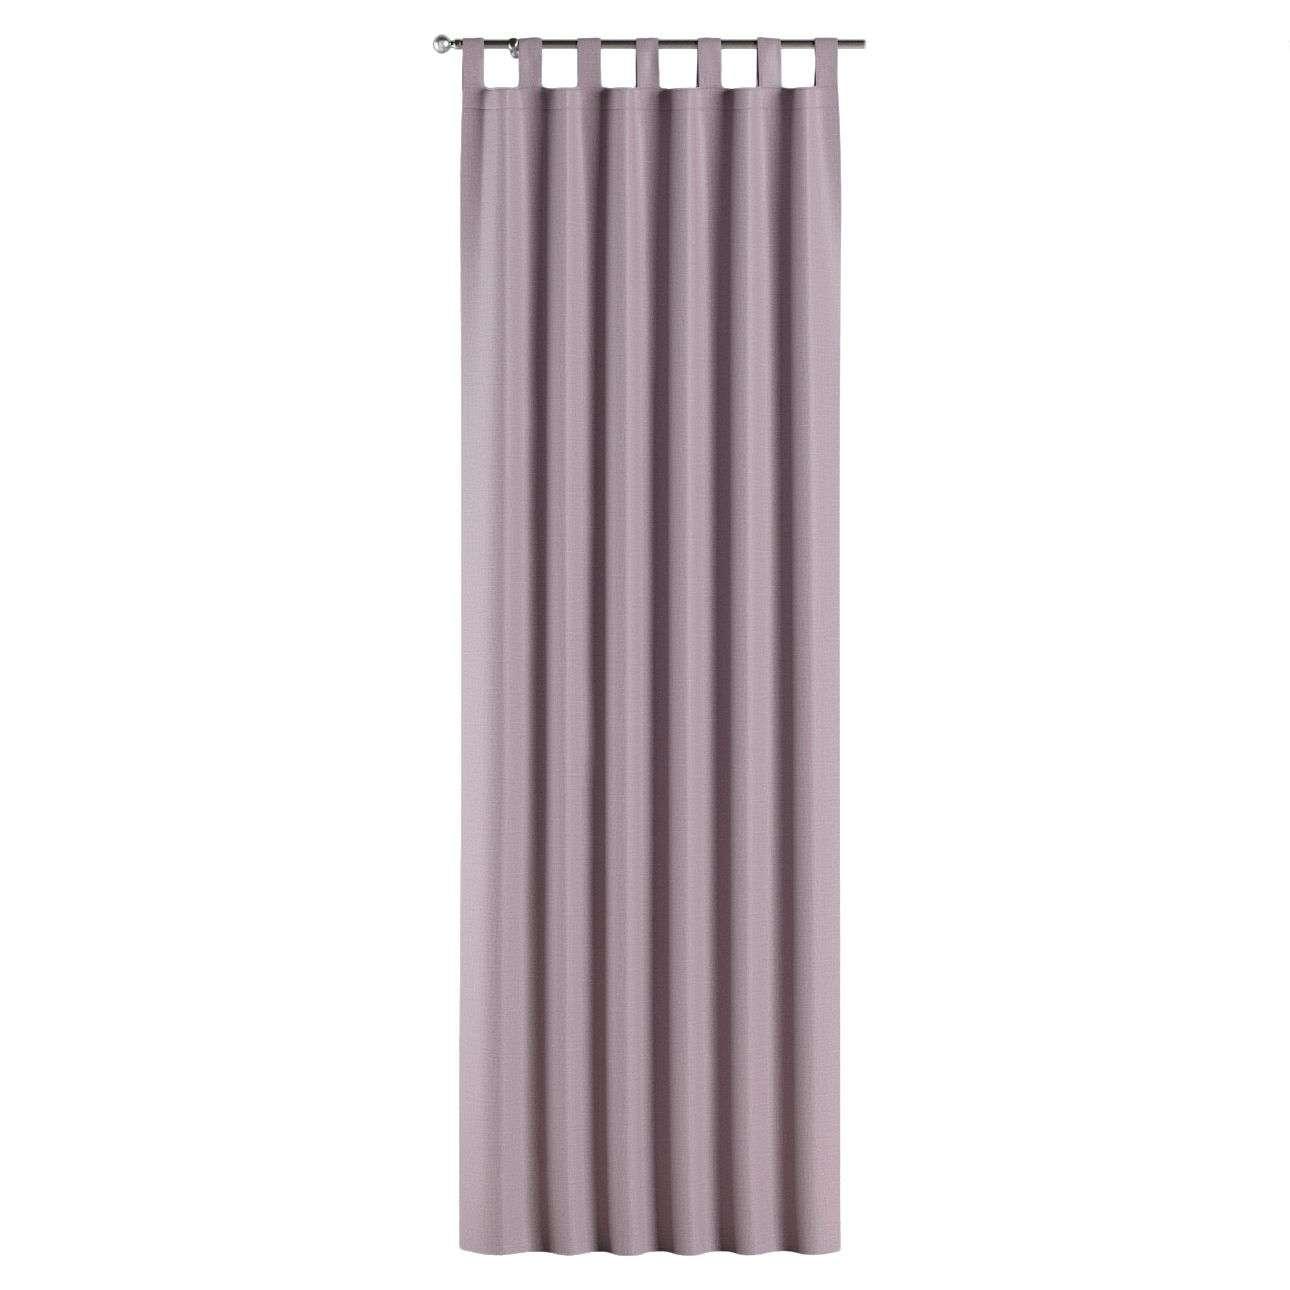 Kilpinio klostavimo užuolaidos (Blackout) 1vnt 140 × 260 cm kolekcijoje Blackout, audinys: 269-60